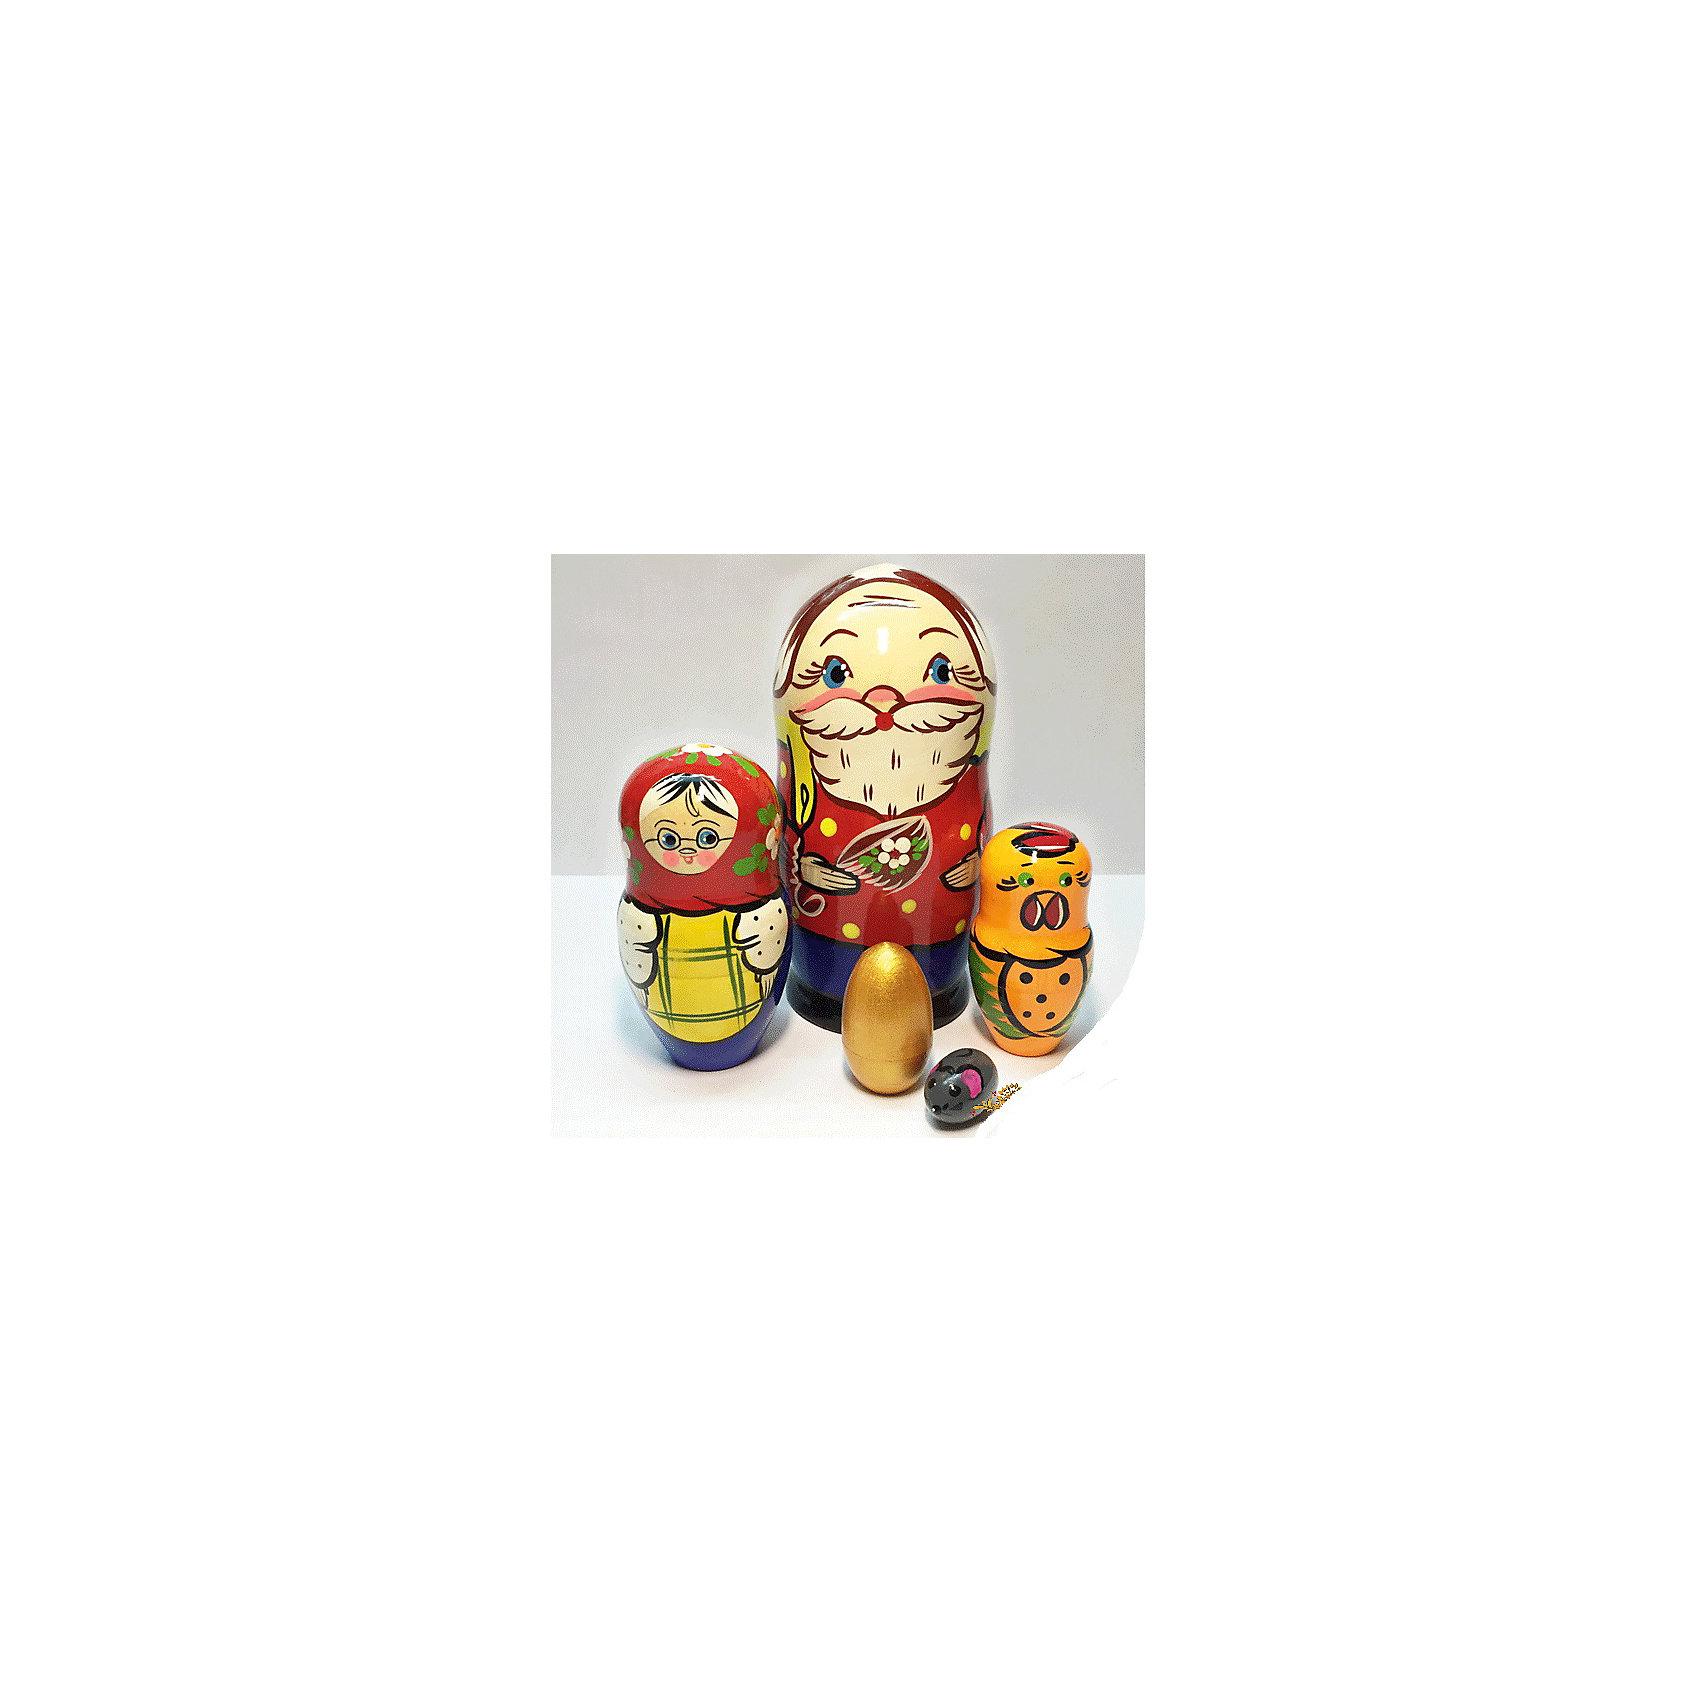 Матрешка Сказка-Курочка Ряба 5 кукольная 14 смДеревянные куклы, домики и мебель<br>Матрешка Сказка-Курочка Ряба 5 кукольная 14 см<br><br>Характеристики:<br><br>• в комплекте: 5 фигурок<br>• материал: дерево<br>• высота большой матрешки: 14 см<br>• размер упаковки: 14х6х6 см<br>• вес: 375 грамм<br><br>Матрешка Курочка Ряба замечательно подойдет для небольшого домашнего спектакля. В комплект входят пять матрешек разных размеров. Самая большая матрешка - дед; матрешка поменьше - баба; средняя матрешка - курочка; четвертая - яйцо; и самая маленькая - мышка. Все они изготовлены из дерева и выполнены по принципу классической матрешки. Ребенок сможет воссоздать любимые сценки из сказки или придумать новый сюжет для знакомых героев.<br><br>Матрешку Сказка-Курочка Ряба 5 кукольную 14 см можно купить в нашем интернет-магазине.<br><br>Ширина мм: 60<br>Глубина мм: 60<br>Высота мм: 140<br>Вес г: 375<br>Возраст от месяцев: 36<br>Возраст до месяцев: 2147483647<br>Пол: Унисекс<br>Возраст: Детский<br>SKU: 5571402